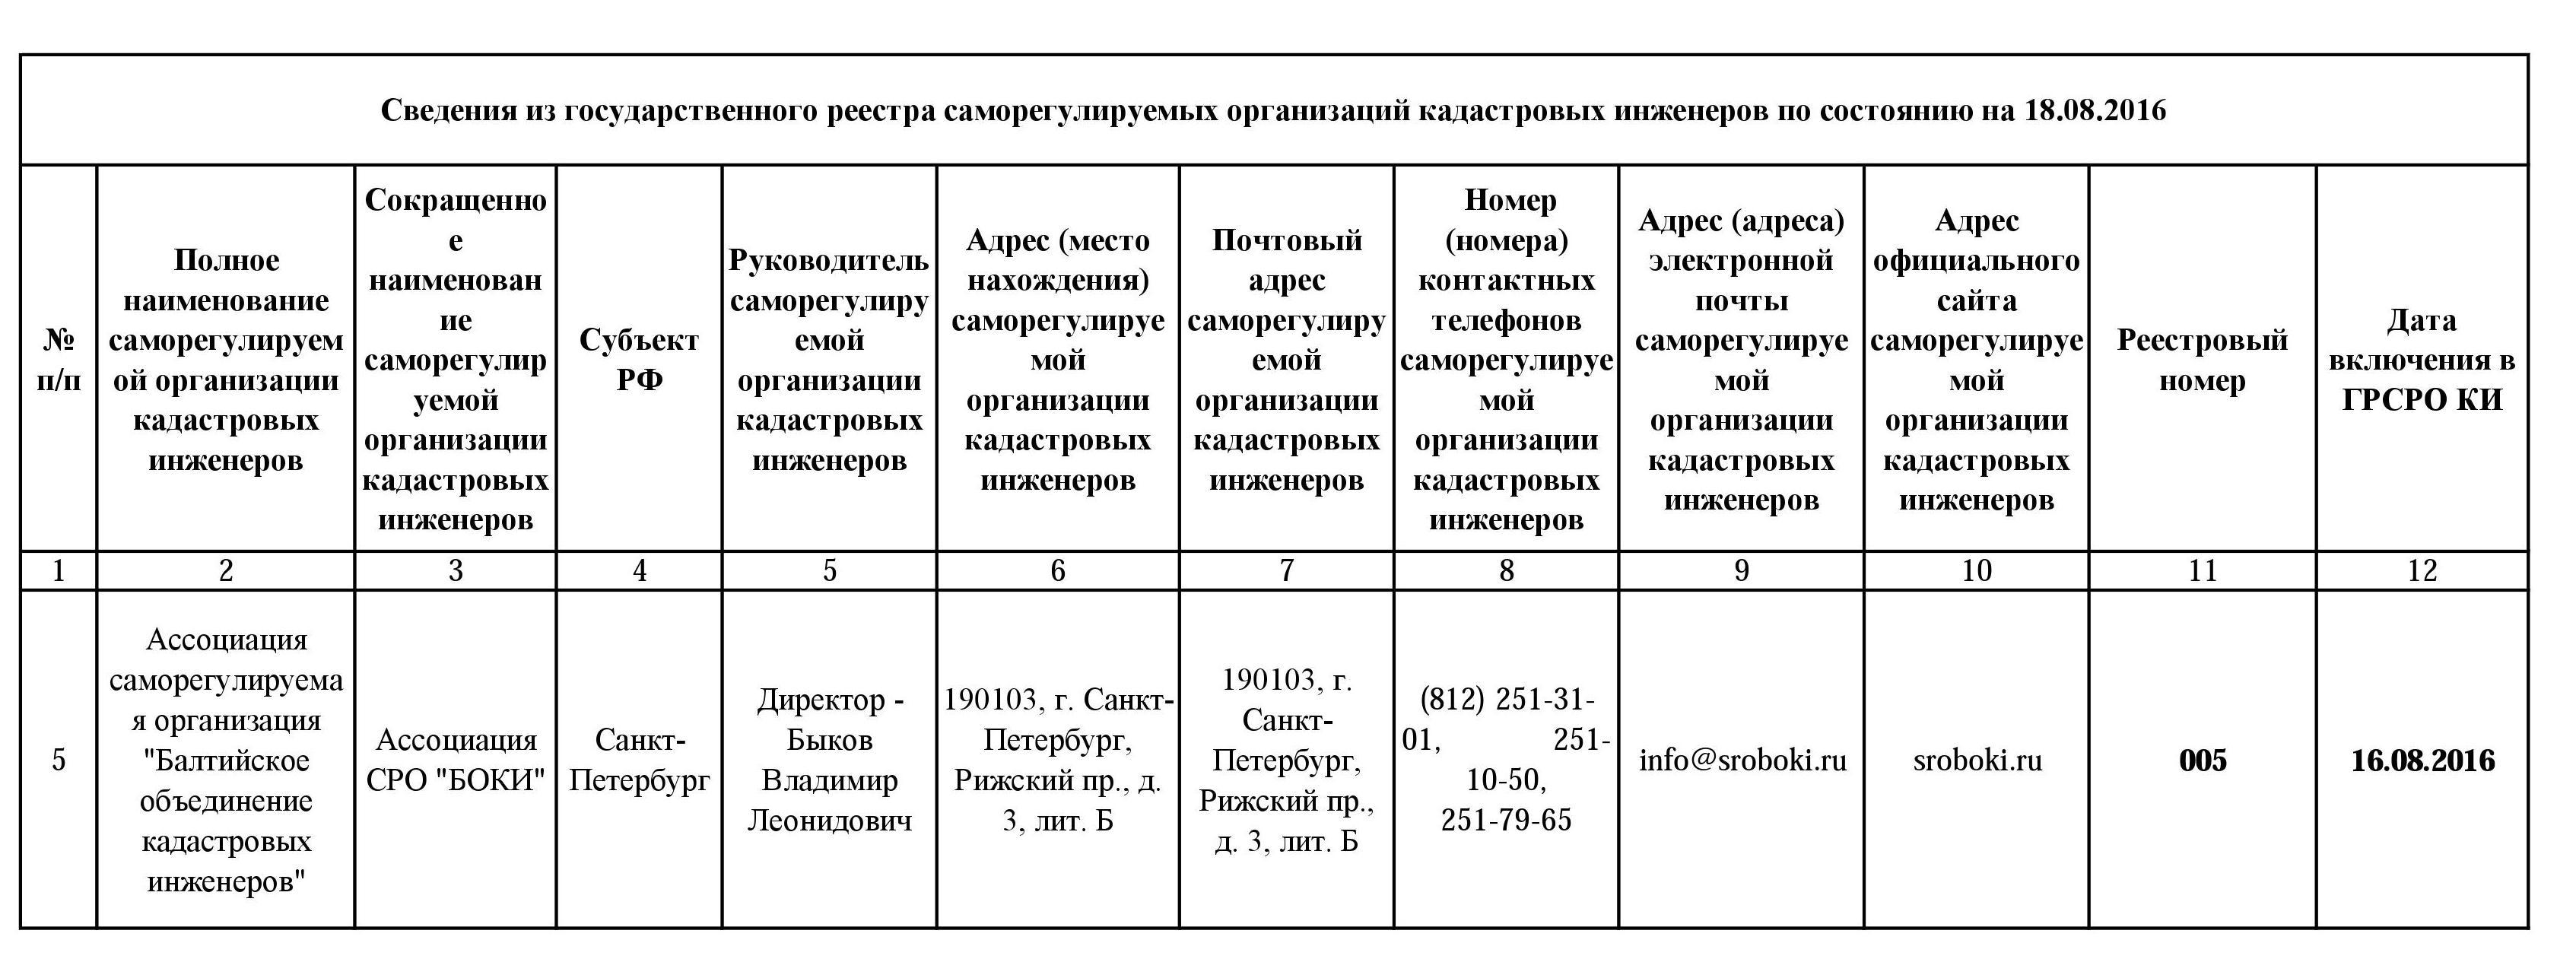 Жалоба в трудовую инспекцию санкт петербурга